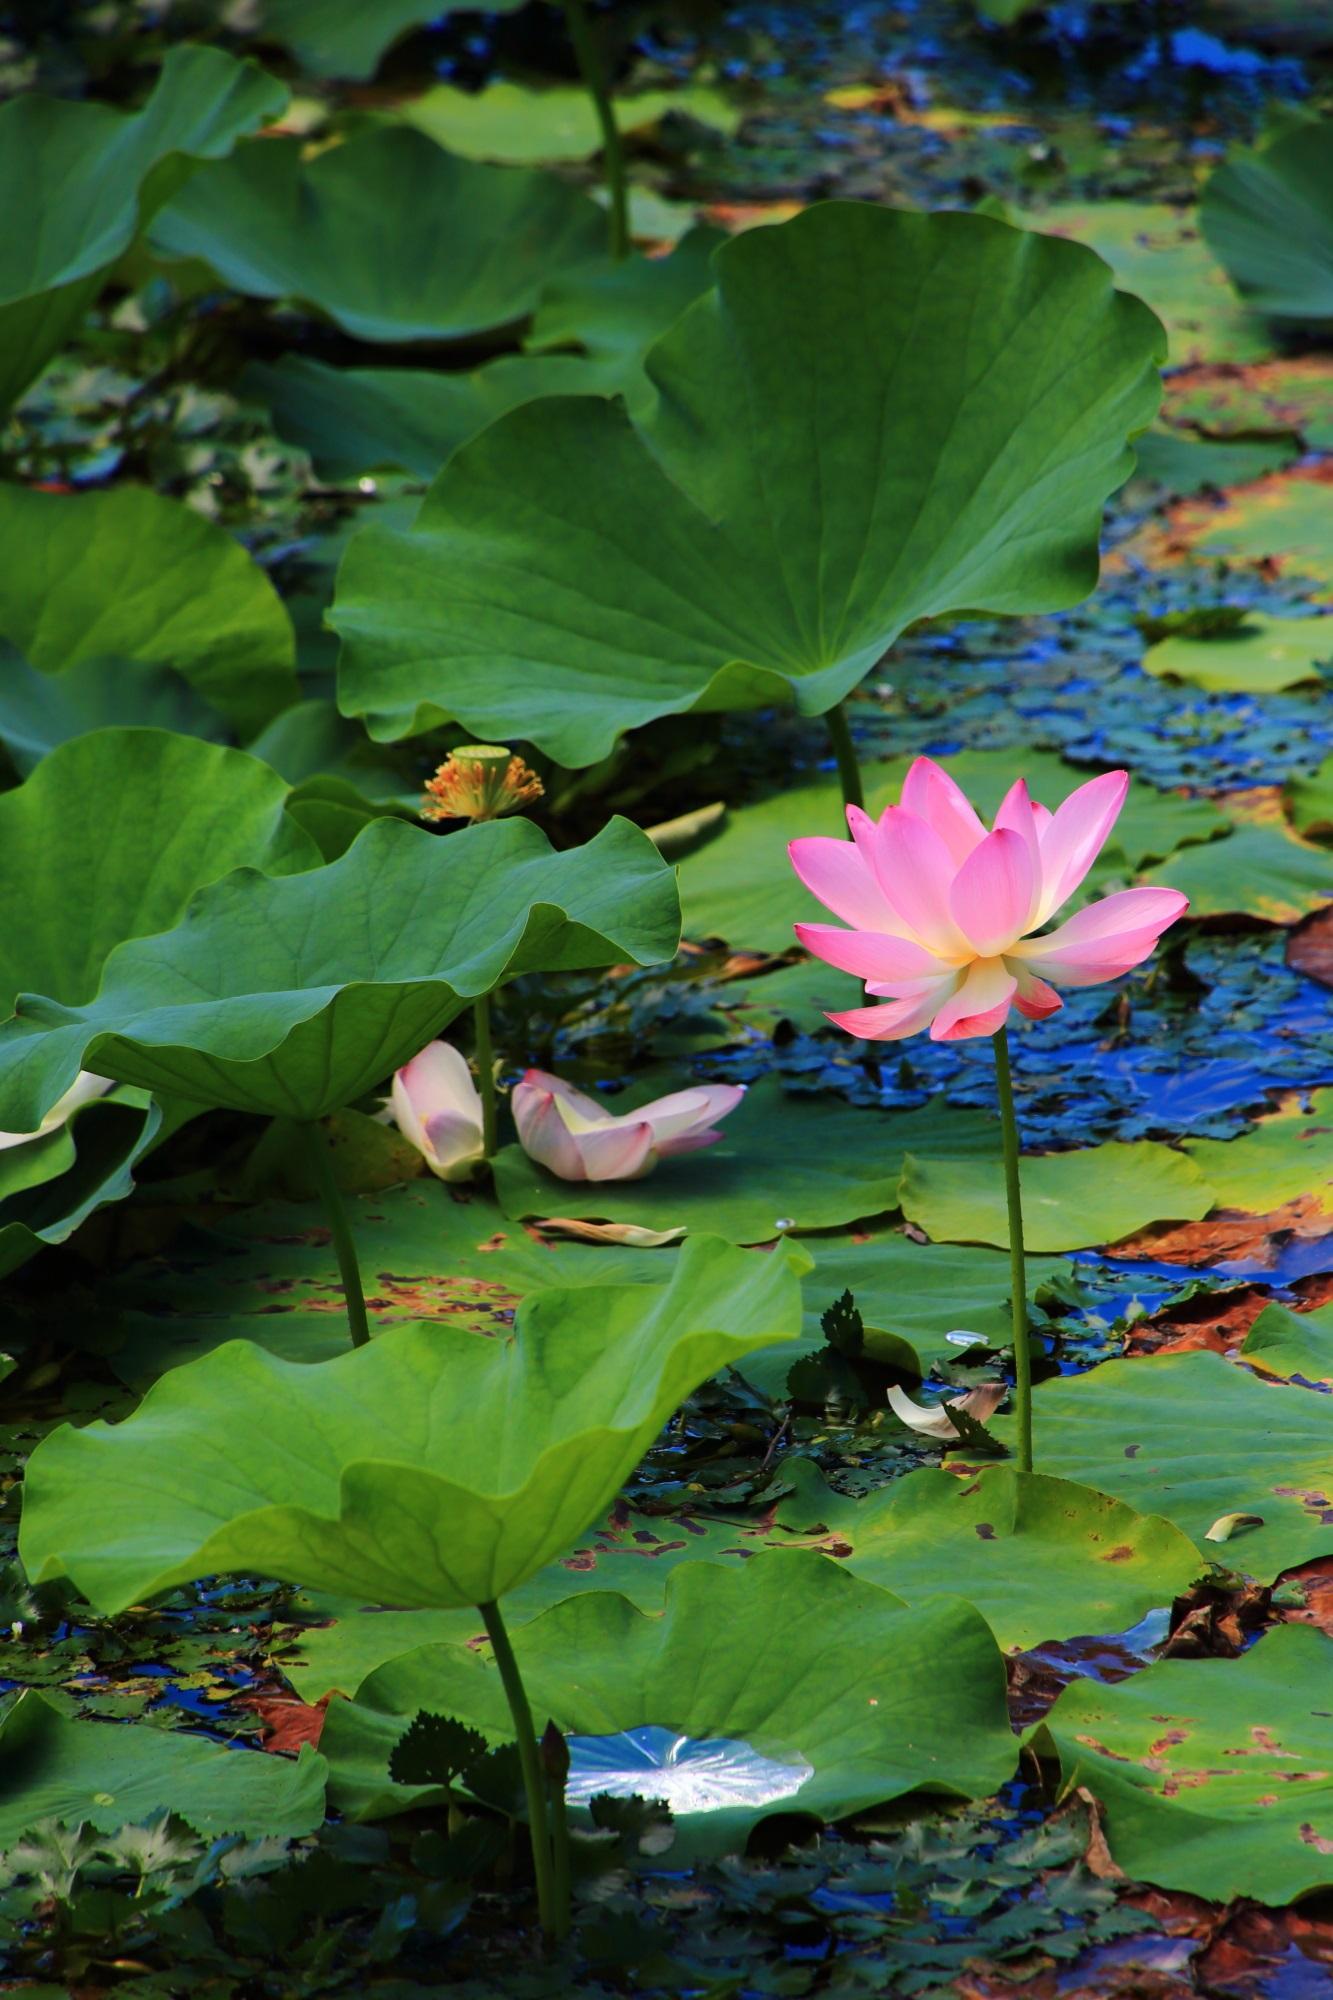 大覚寺の大沢池の趣きある咲き誇る花と散った花と葉に溜まる水